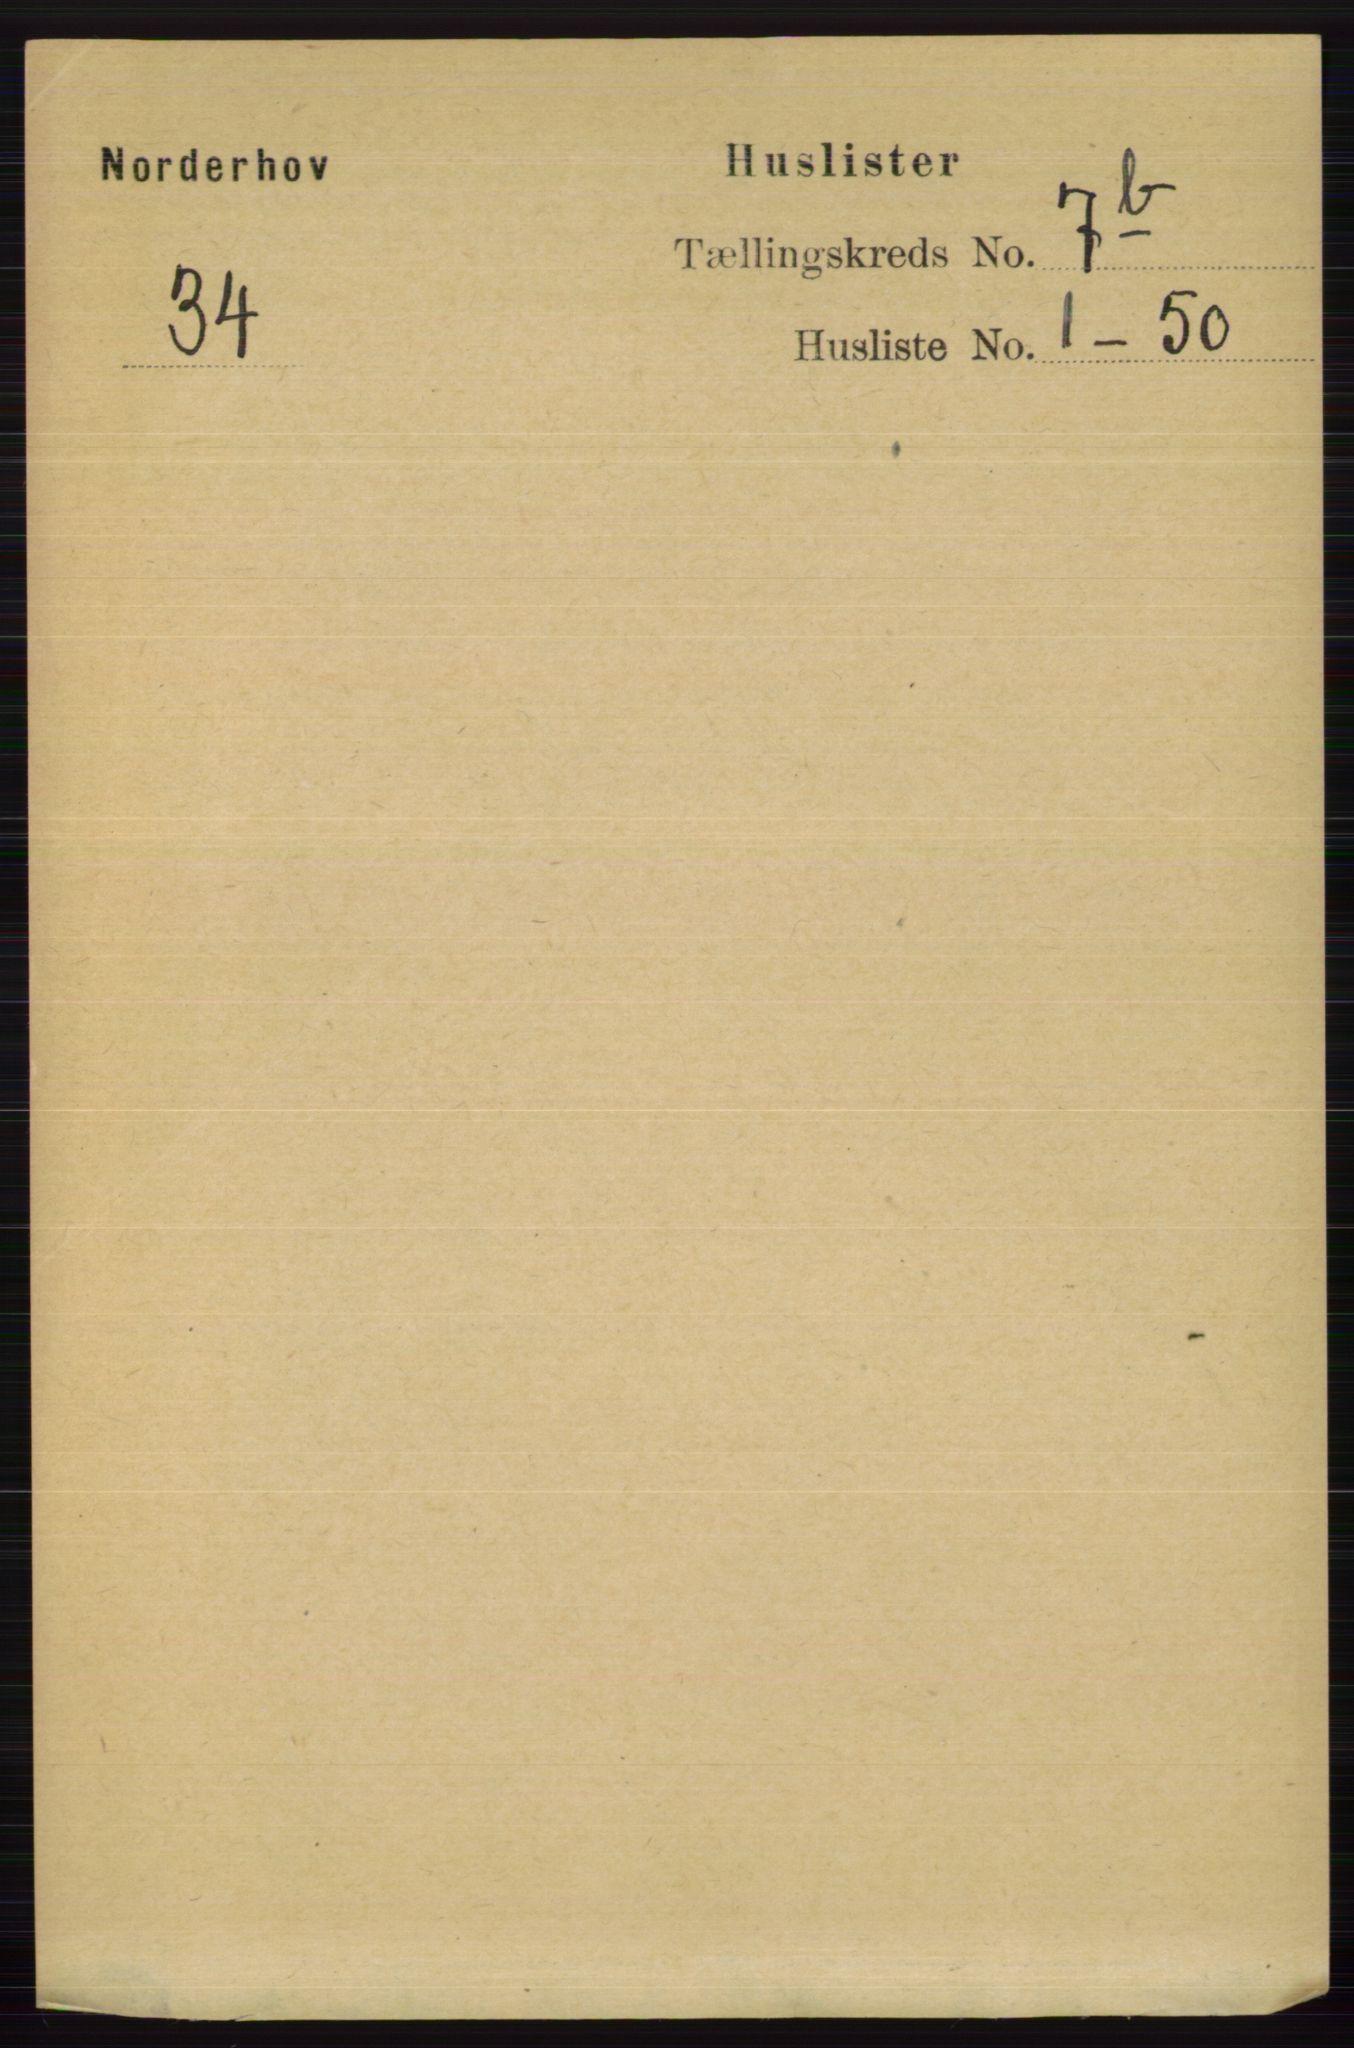 RA, Folketelling 1891 for 0613 Norderhov herred, 1891, s. 5042